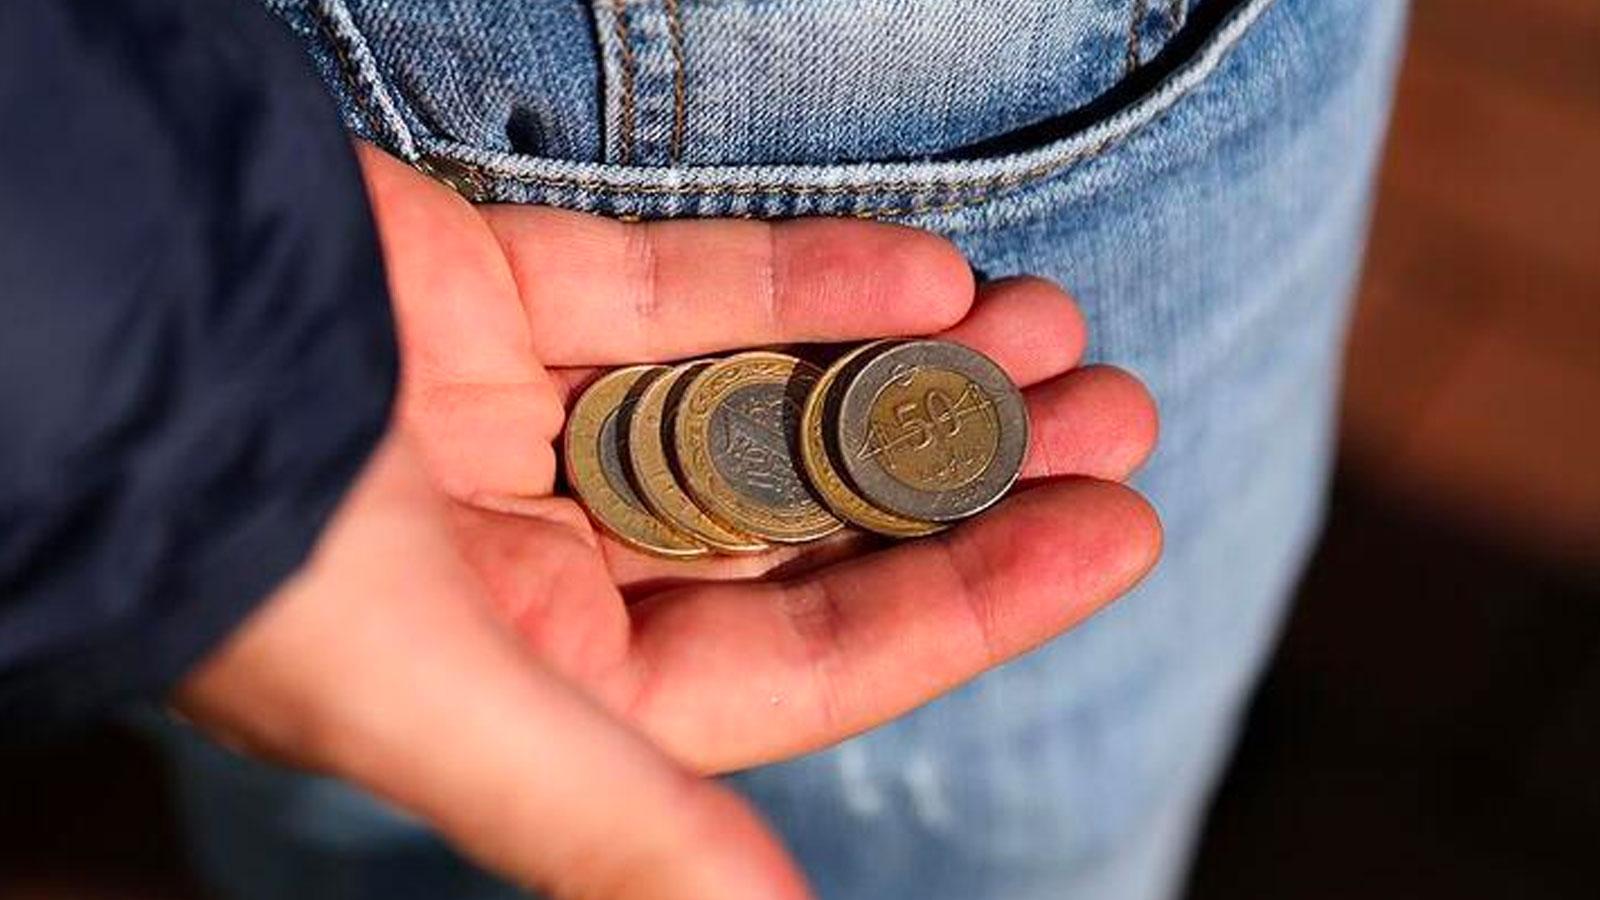 Bloomberg'ten TÜİK verilerine gönderme: Vatandaş zenginleşmiyor!